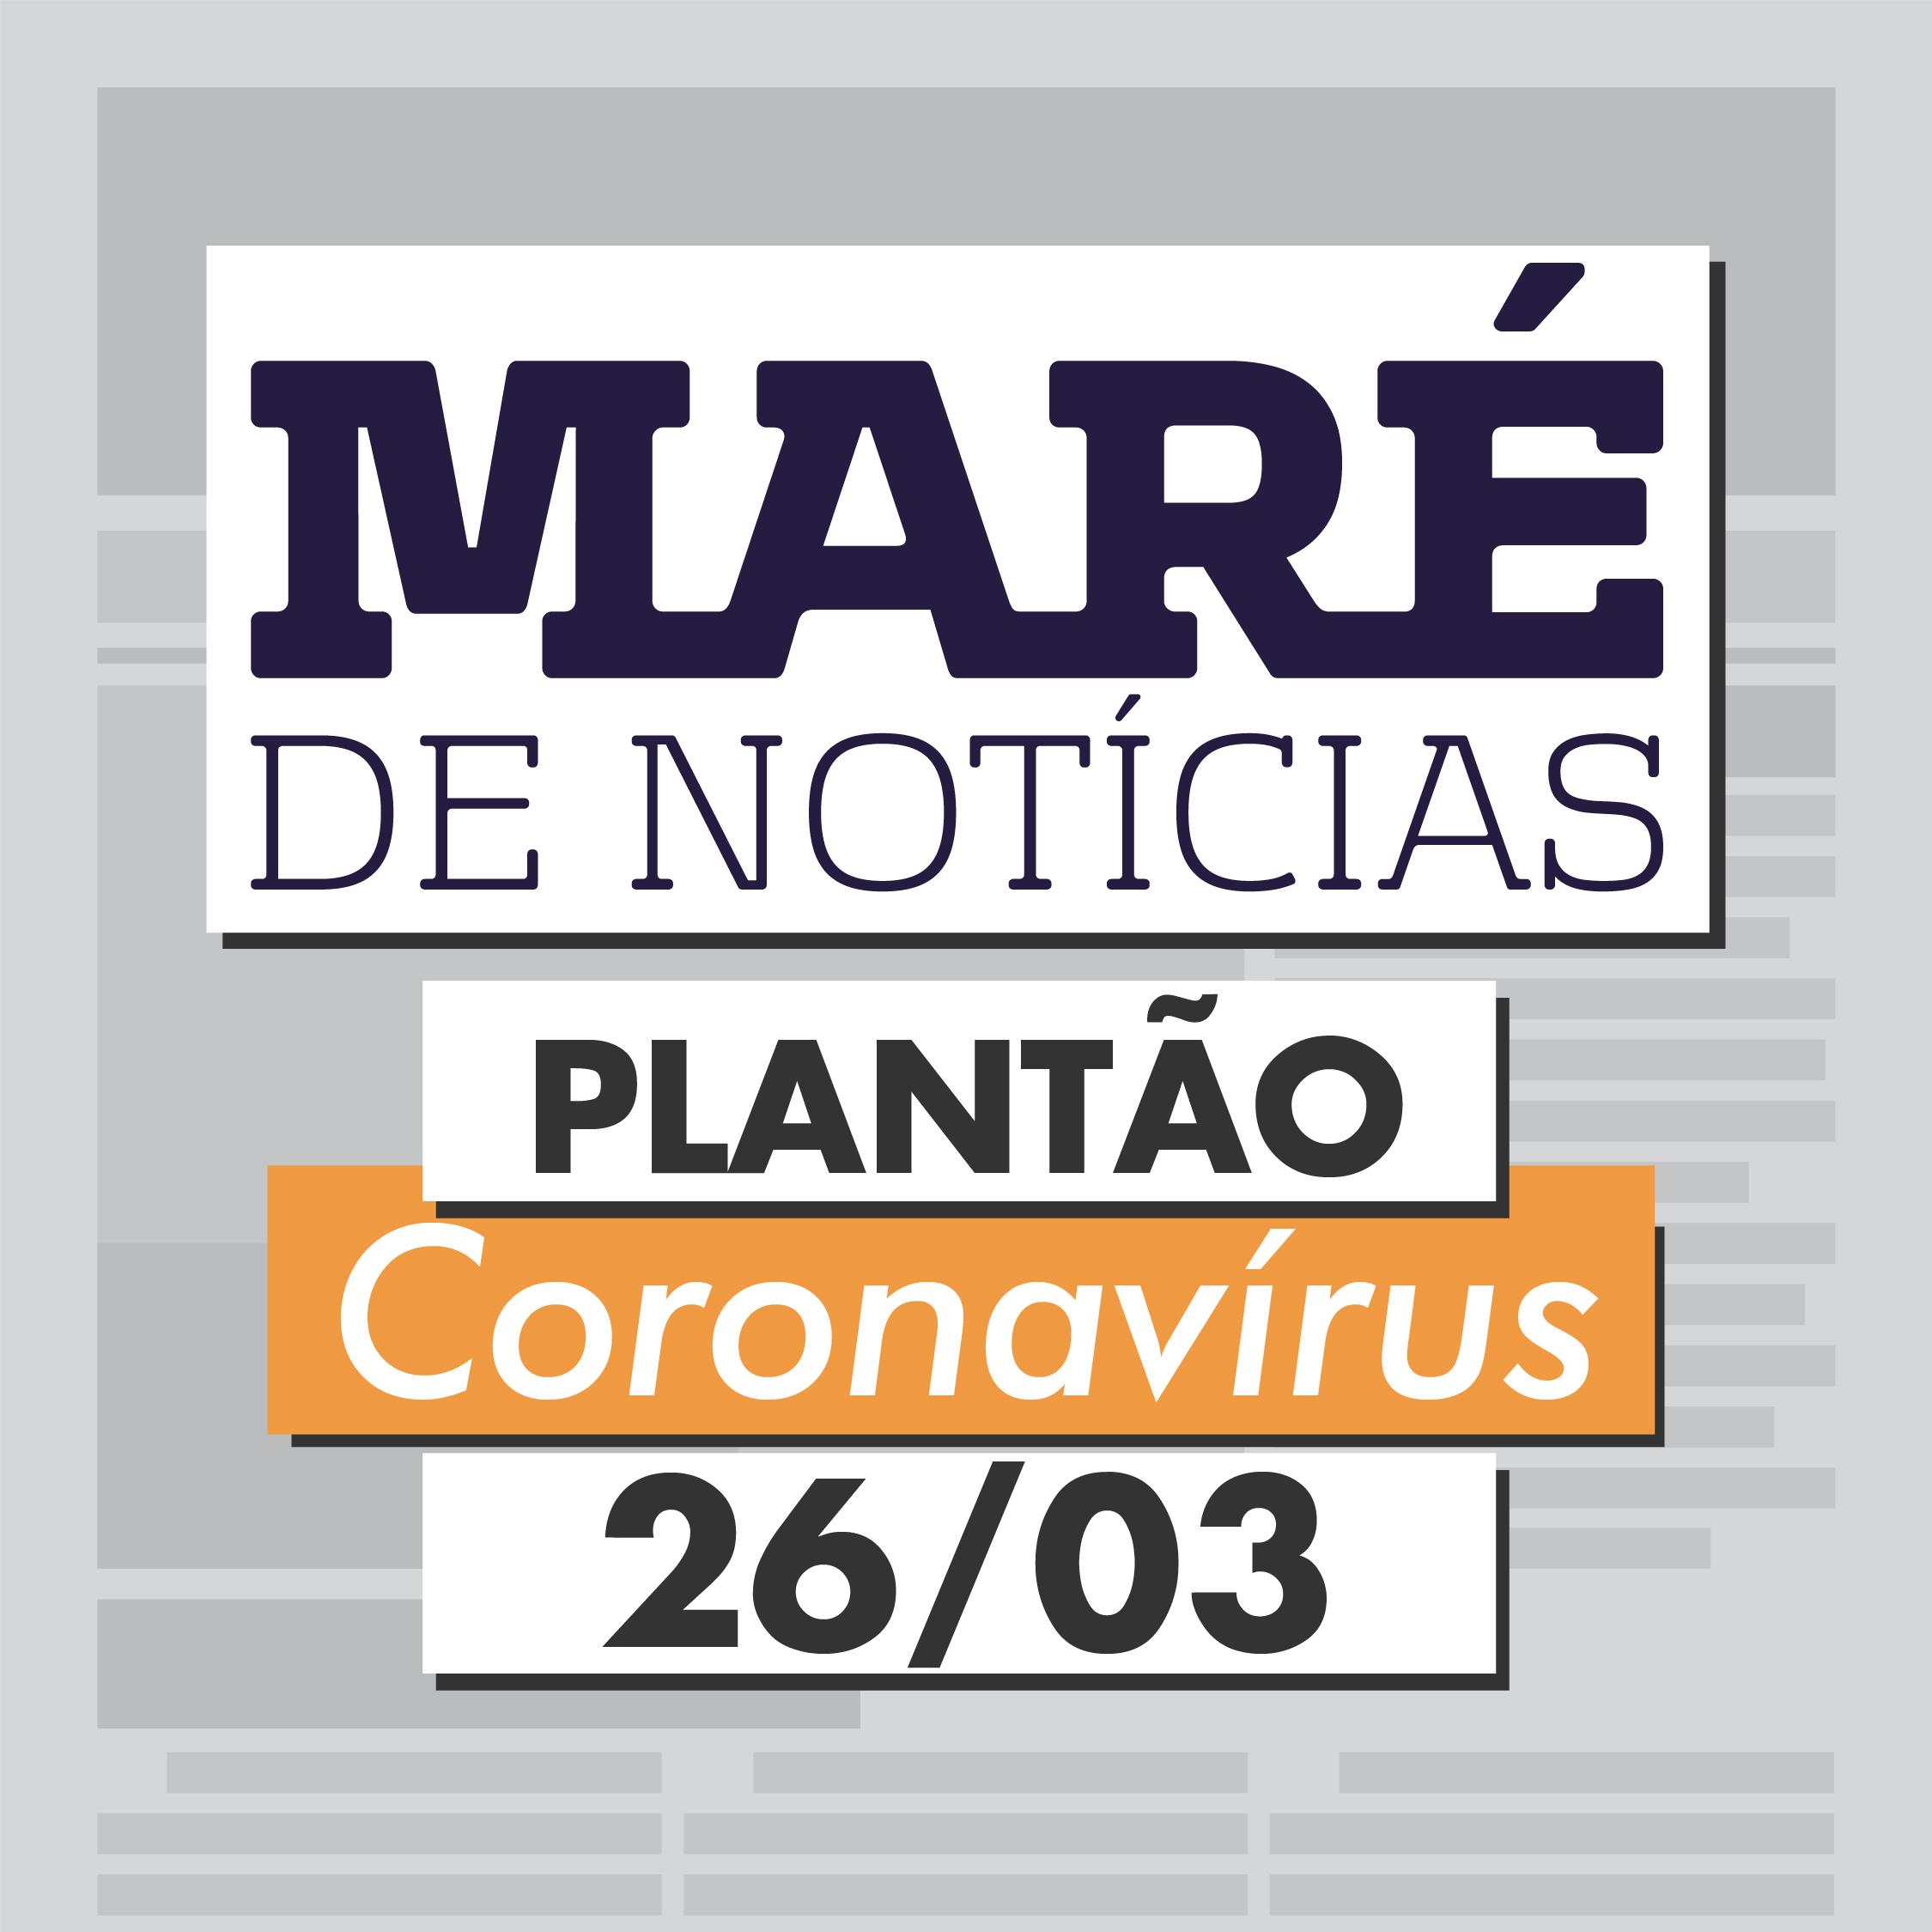 Ronda Coronavírus: Empresas de ônibus ameaçam suspender a circulação de transporte